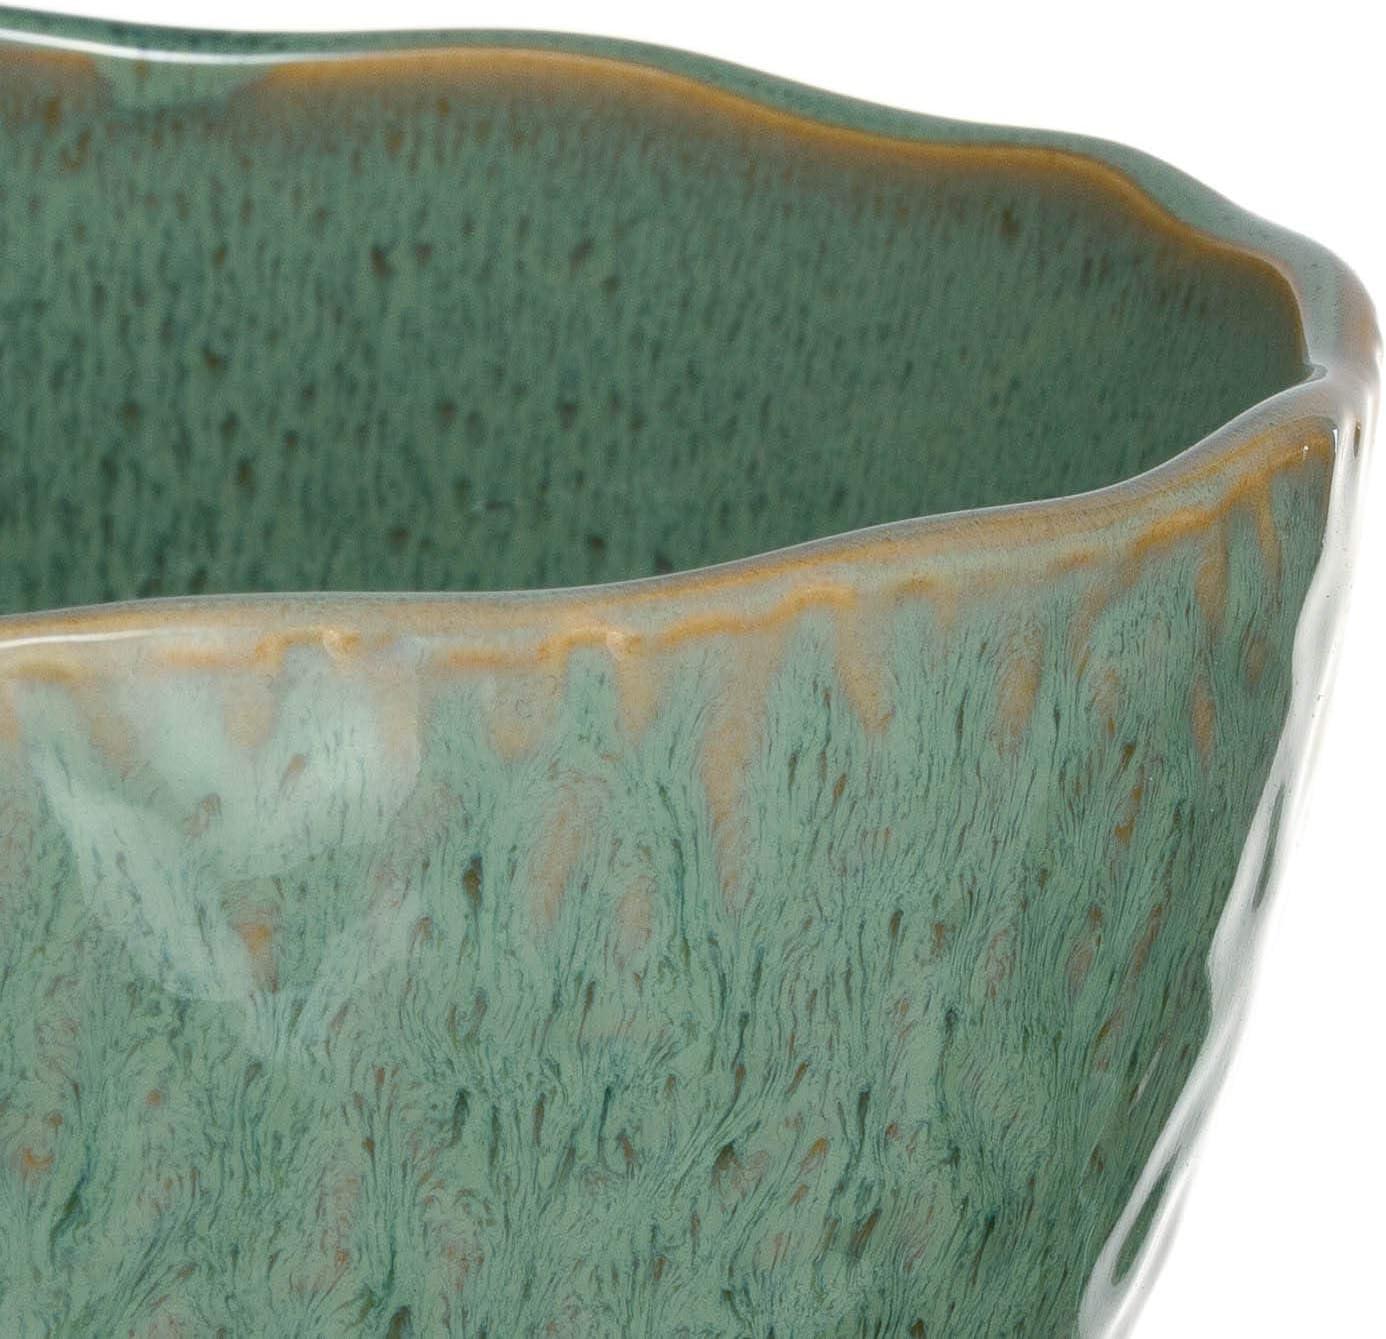 sp/ülmaschinengeeignete Salat-Sch/üssel 1 St/ück grau runde Schale aus Steingut Leonardo Matera Keramik-Schale /Ø 23,5 cm 2600 ml 018584